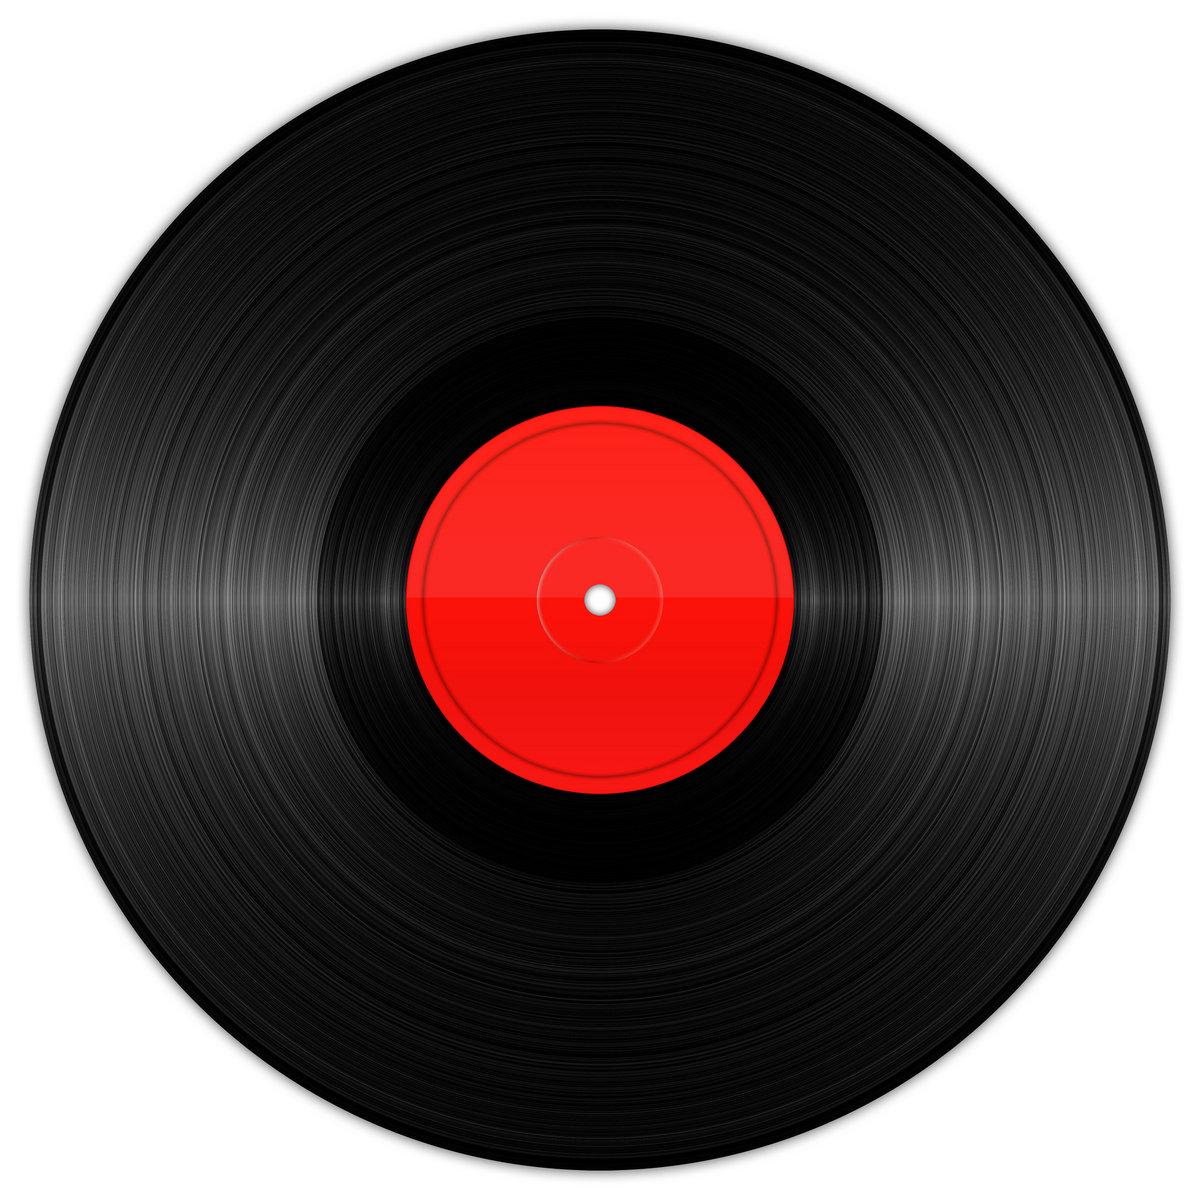 Harmonious Thelonious - 4 tracks EP - [VER117]   Versatile ...